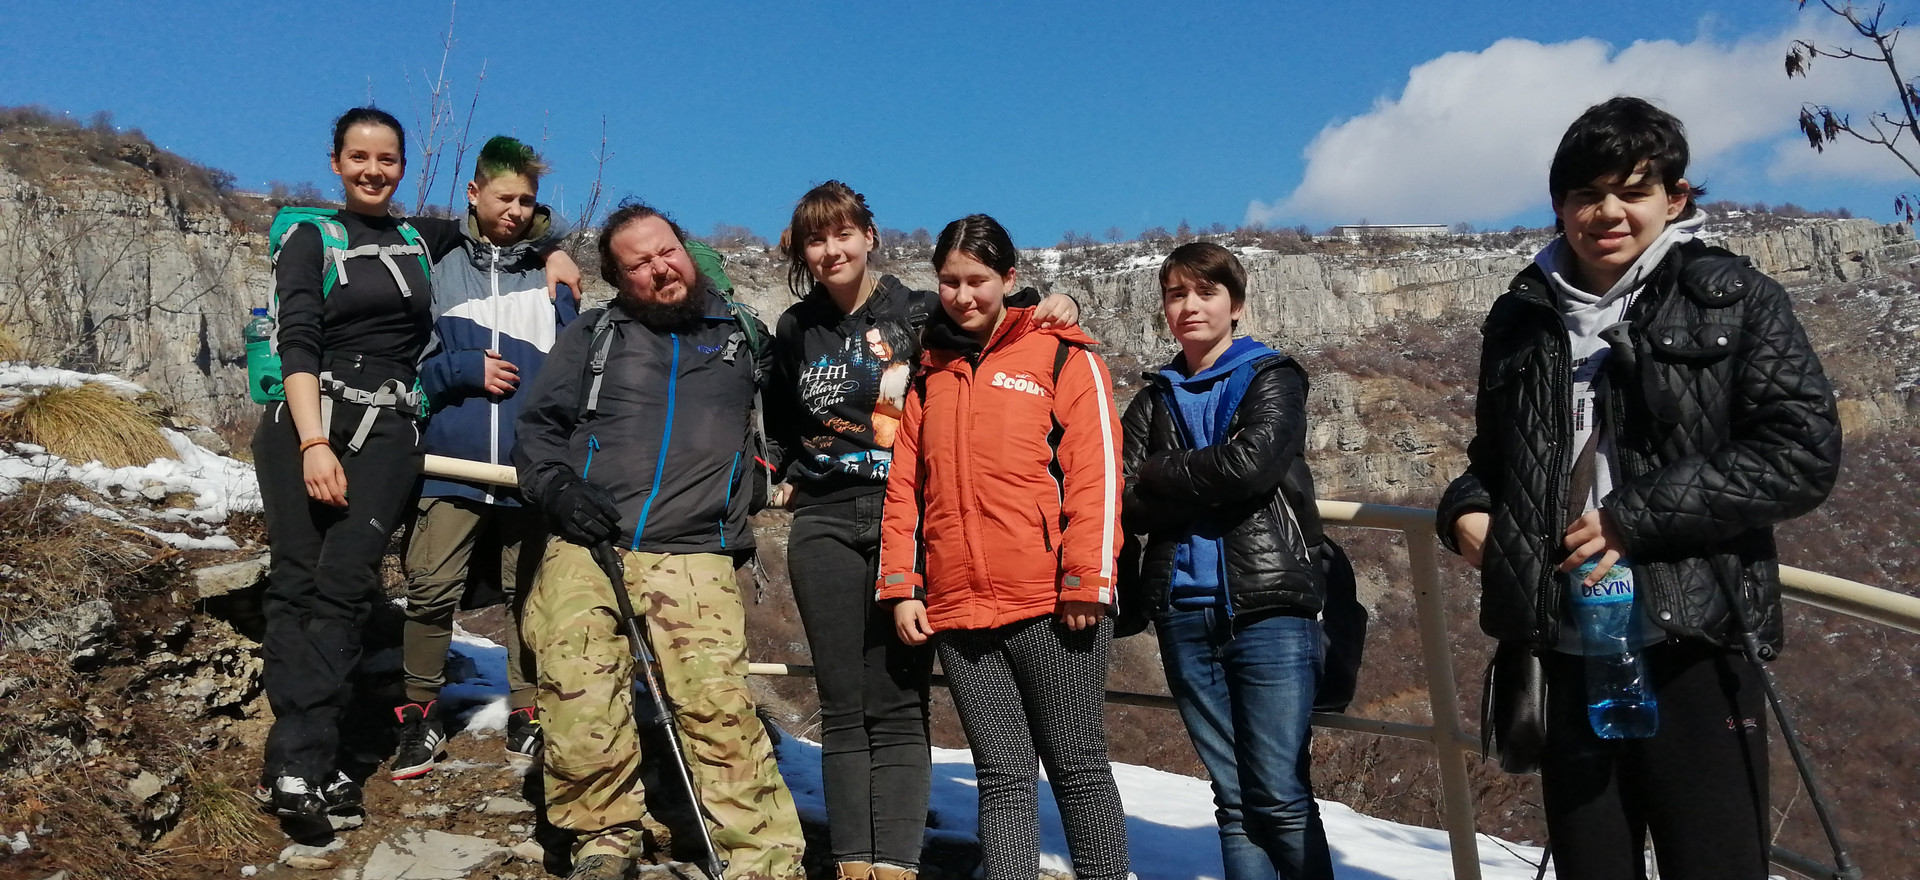 Маршрут: Гара Бов - Вазова екопътека - водопад Скакля - село Заселе - гара Церово